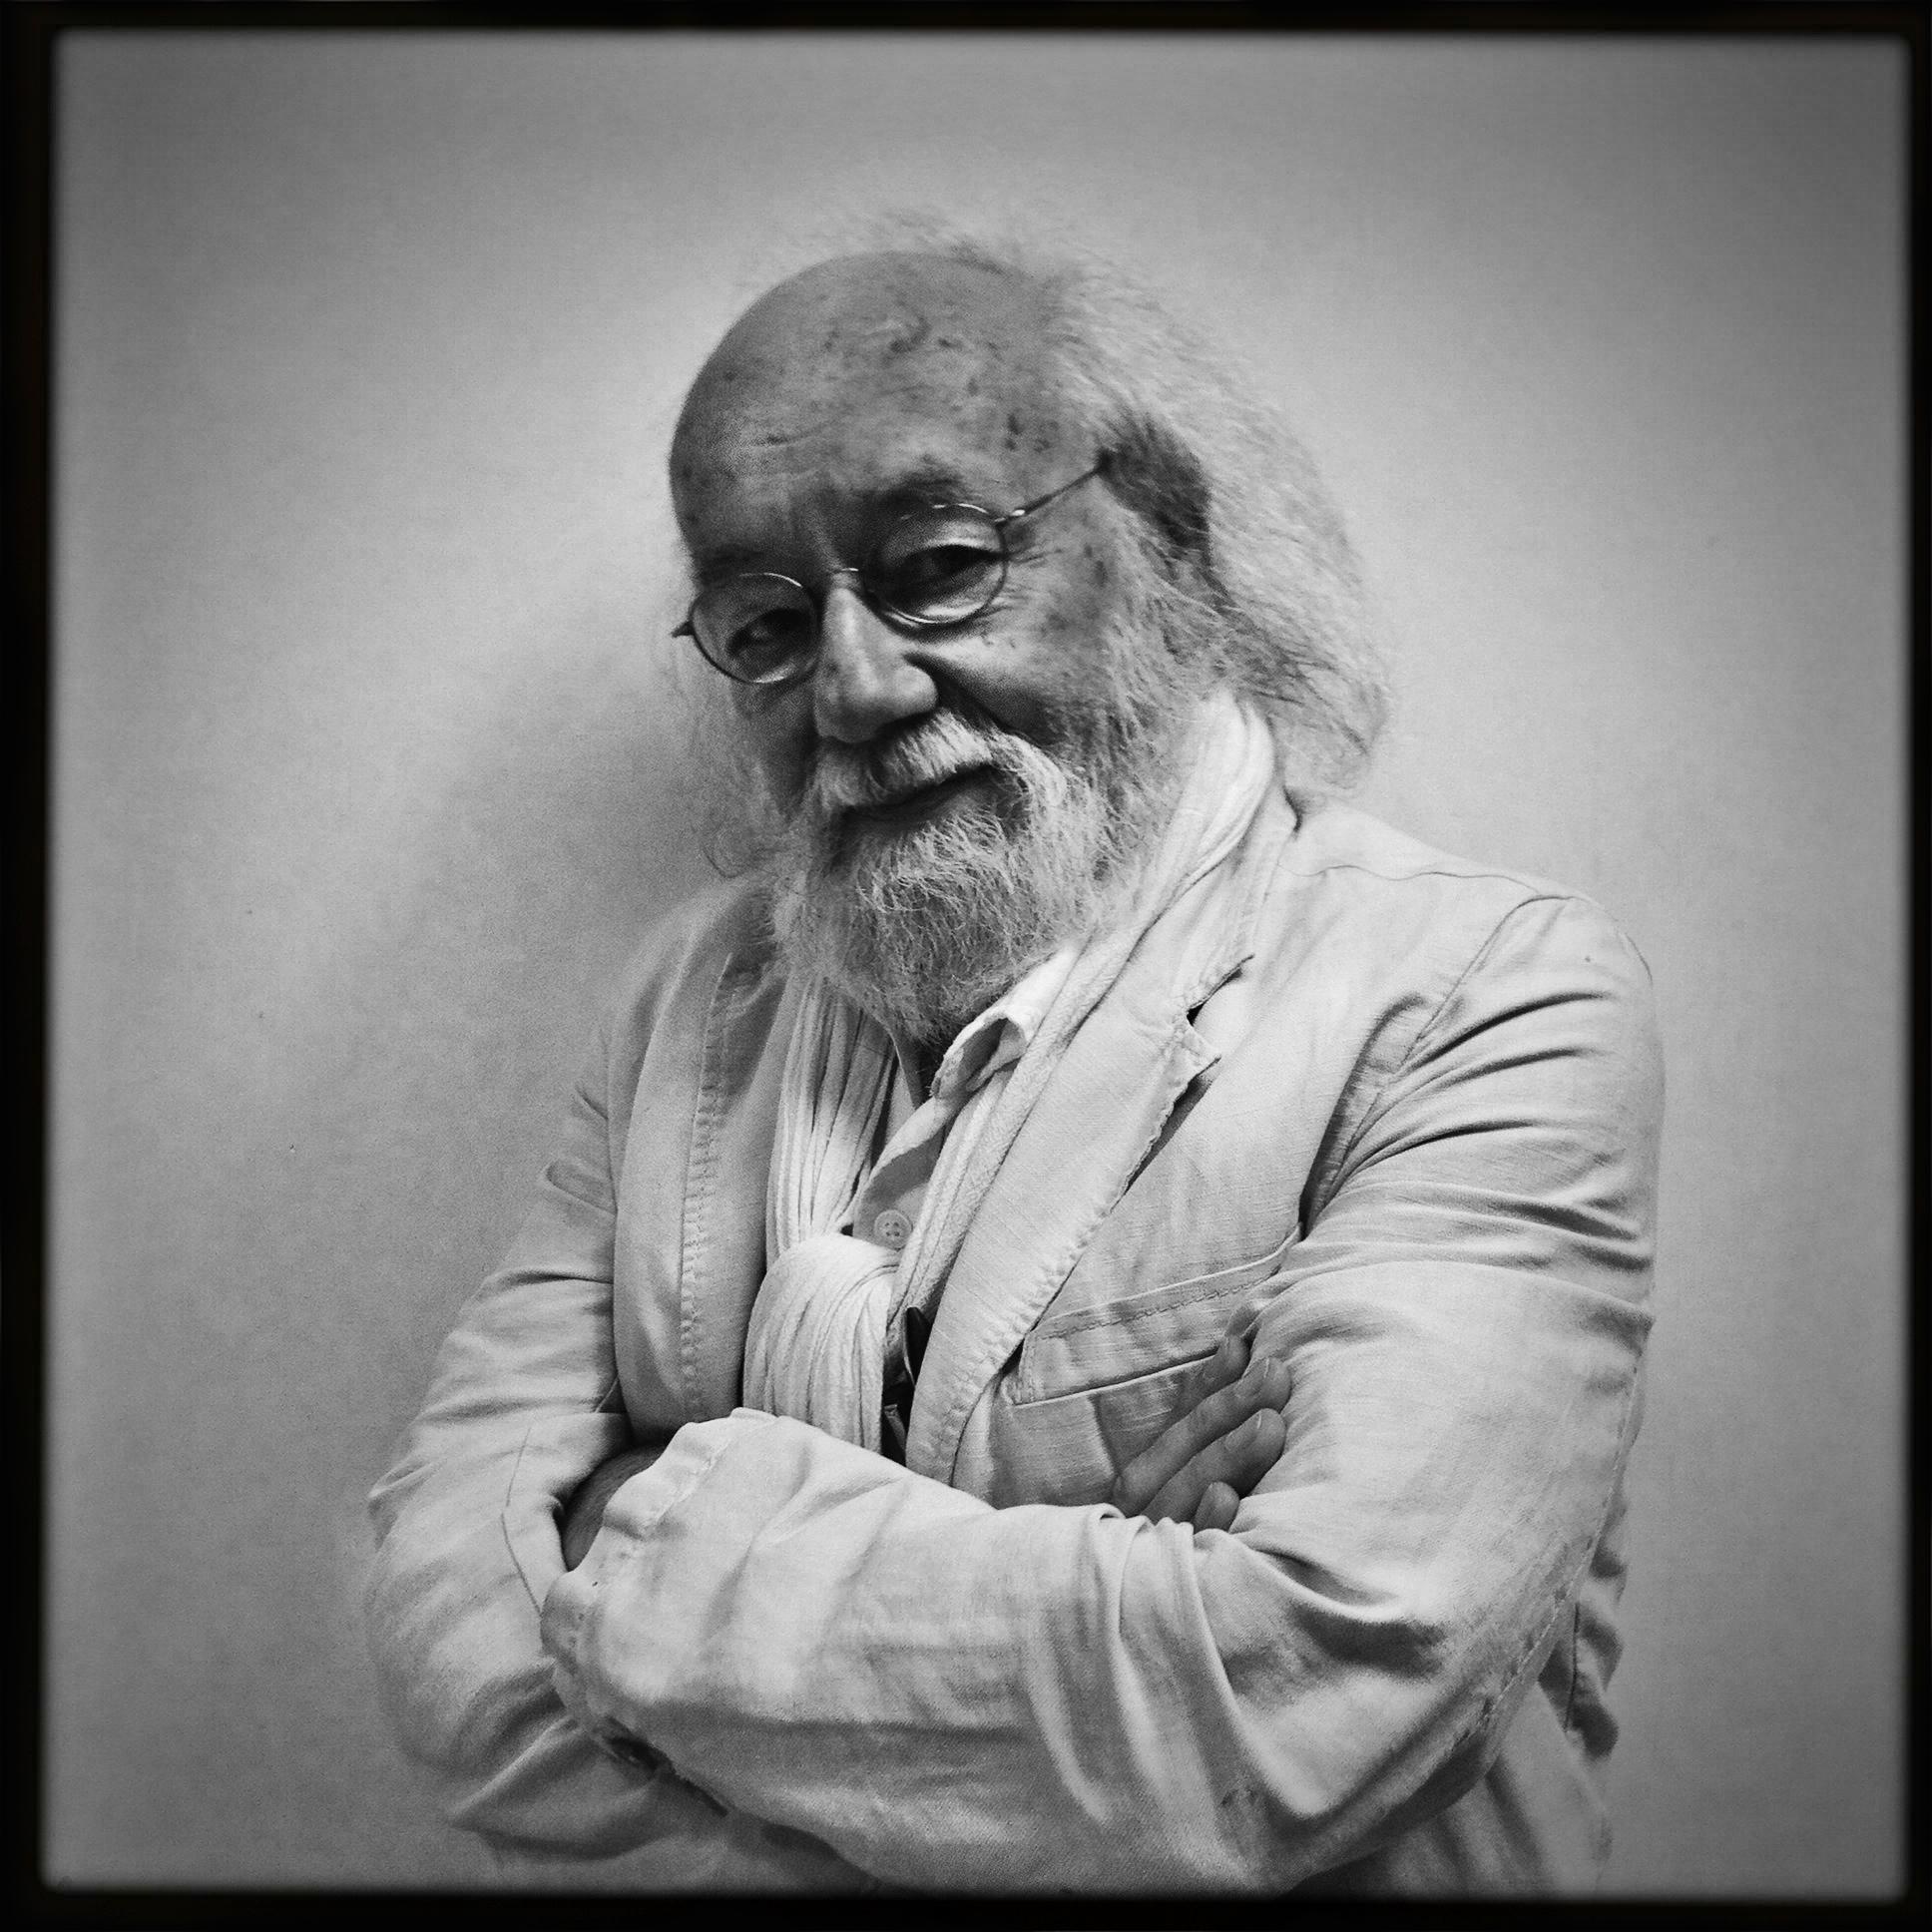 lambert schlechter, poet/author